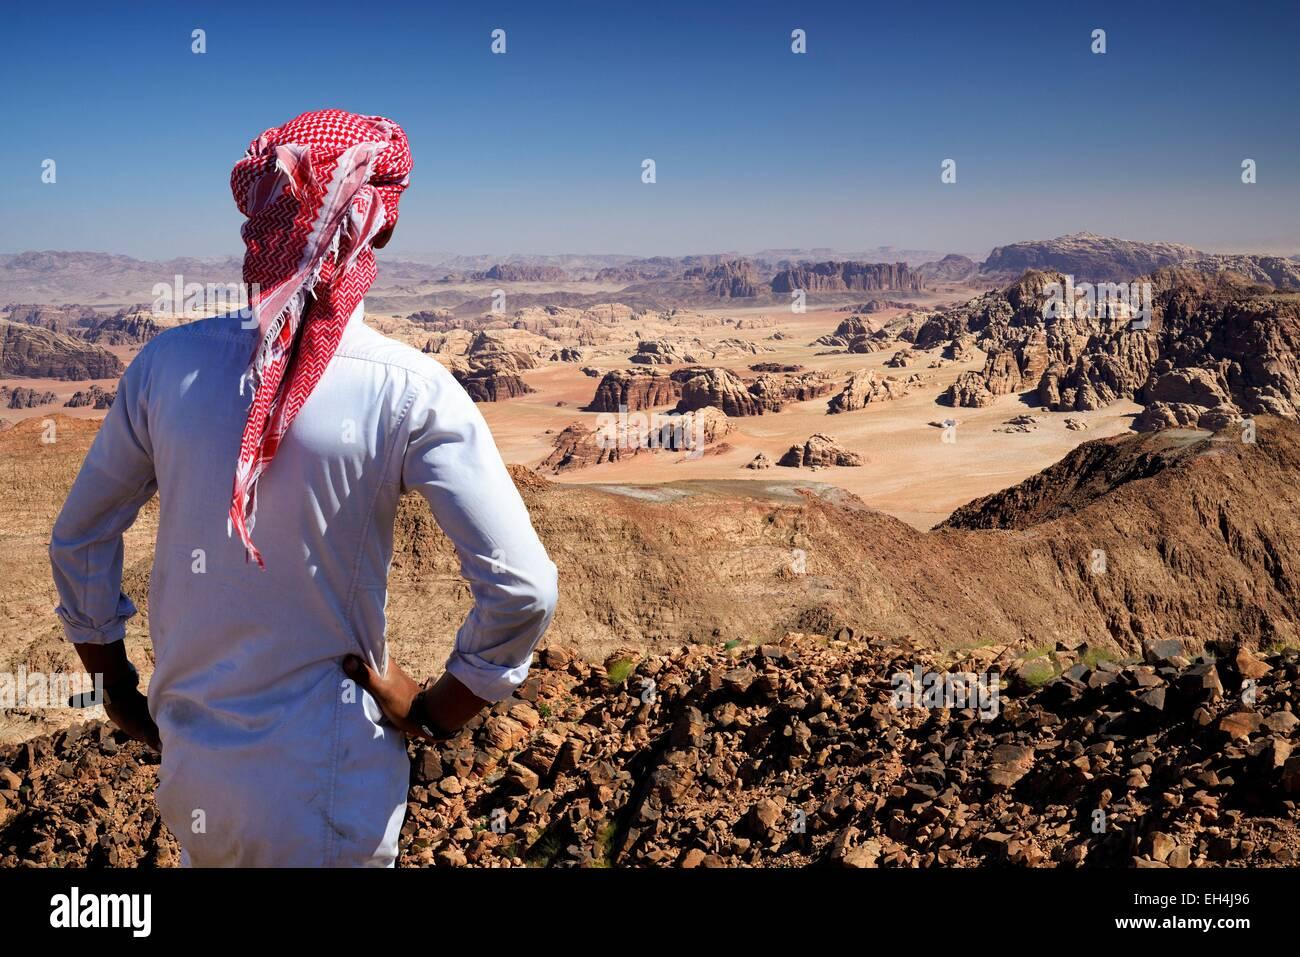 La Jordanie, Wadi Rum, frontière avec l'Arabie saoudite, bédouins et vue depuis le sommet du Djebel Photo Stock